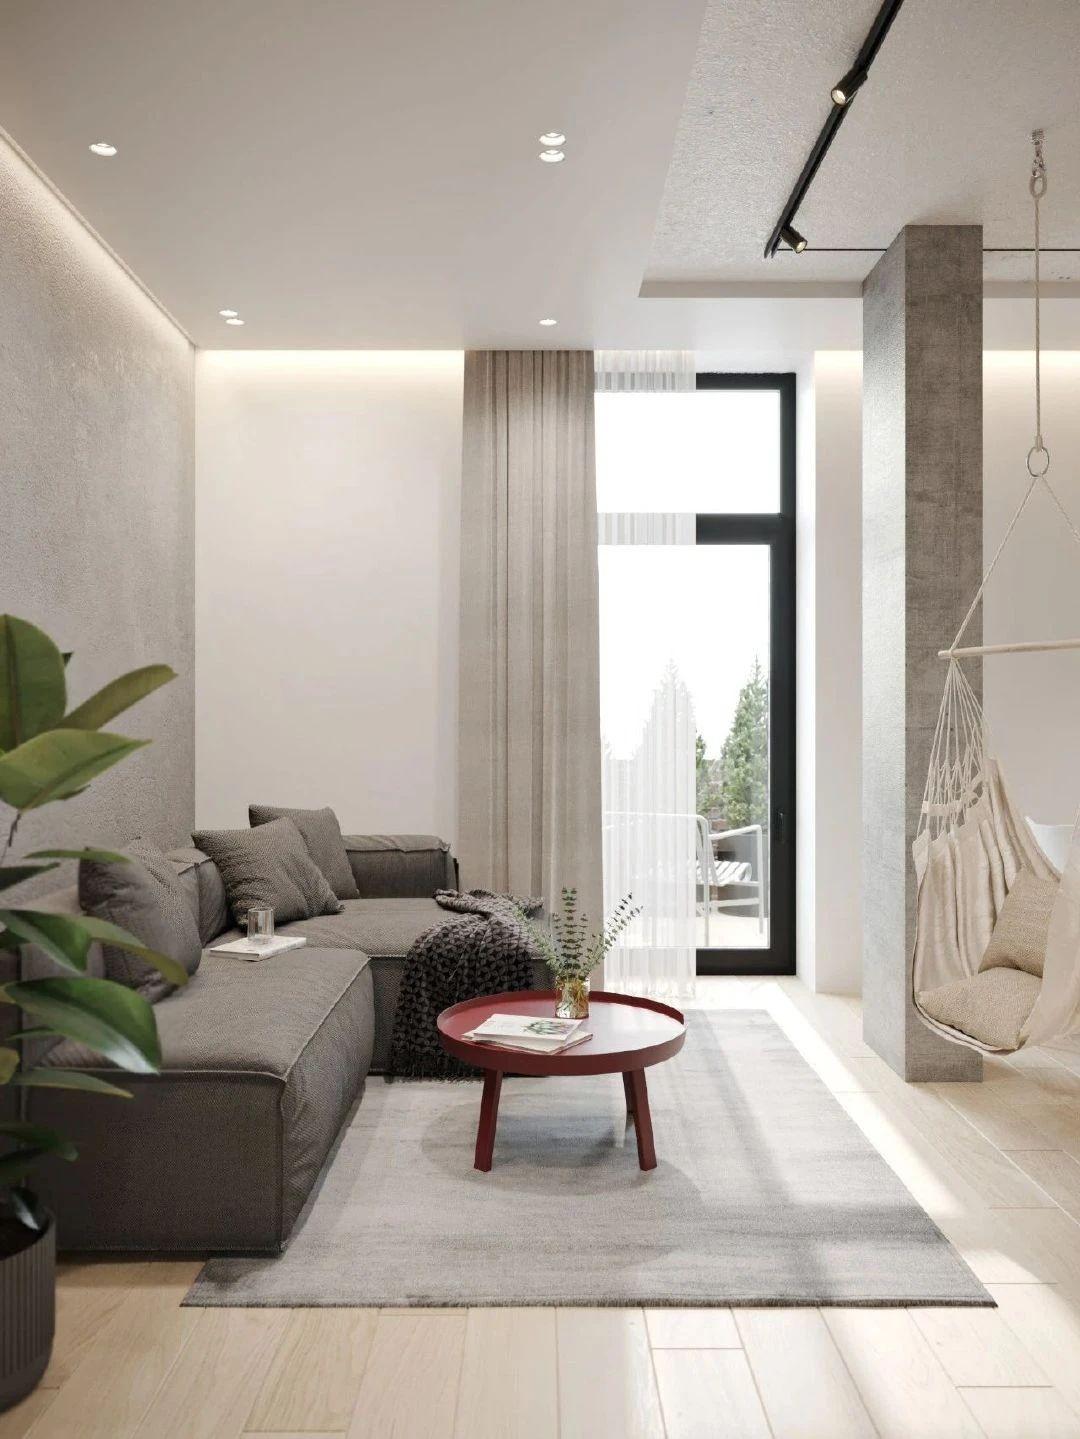 36㎡小公寓客厅装修效果图